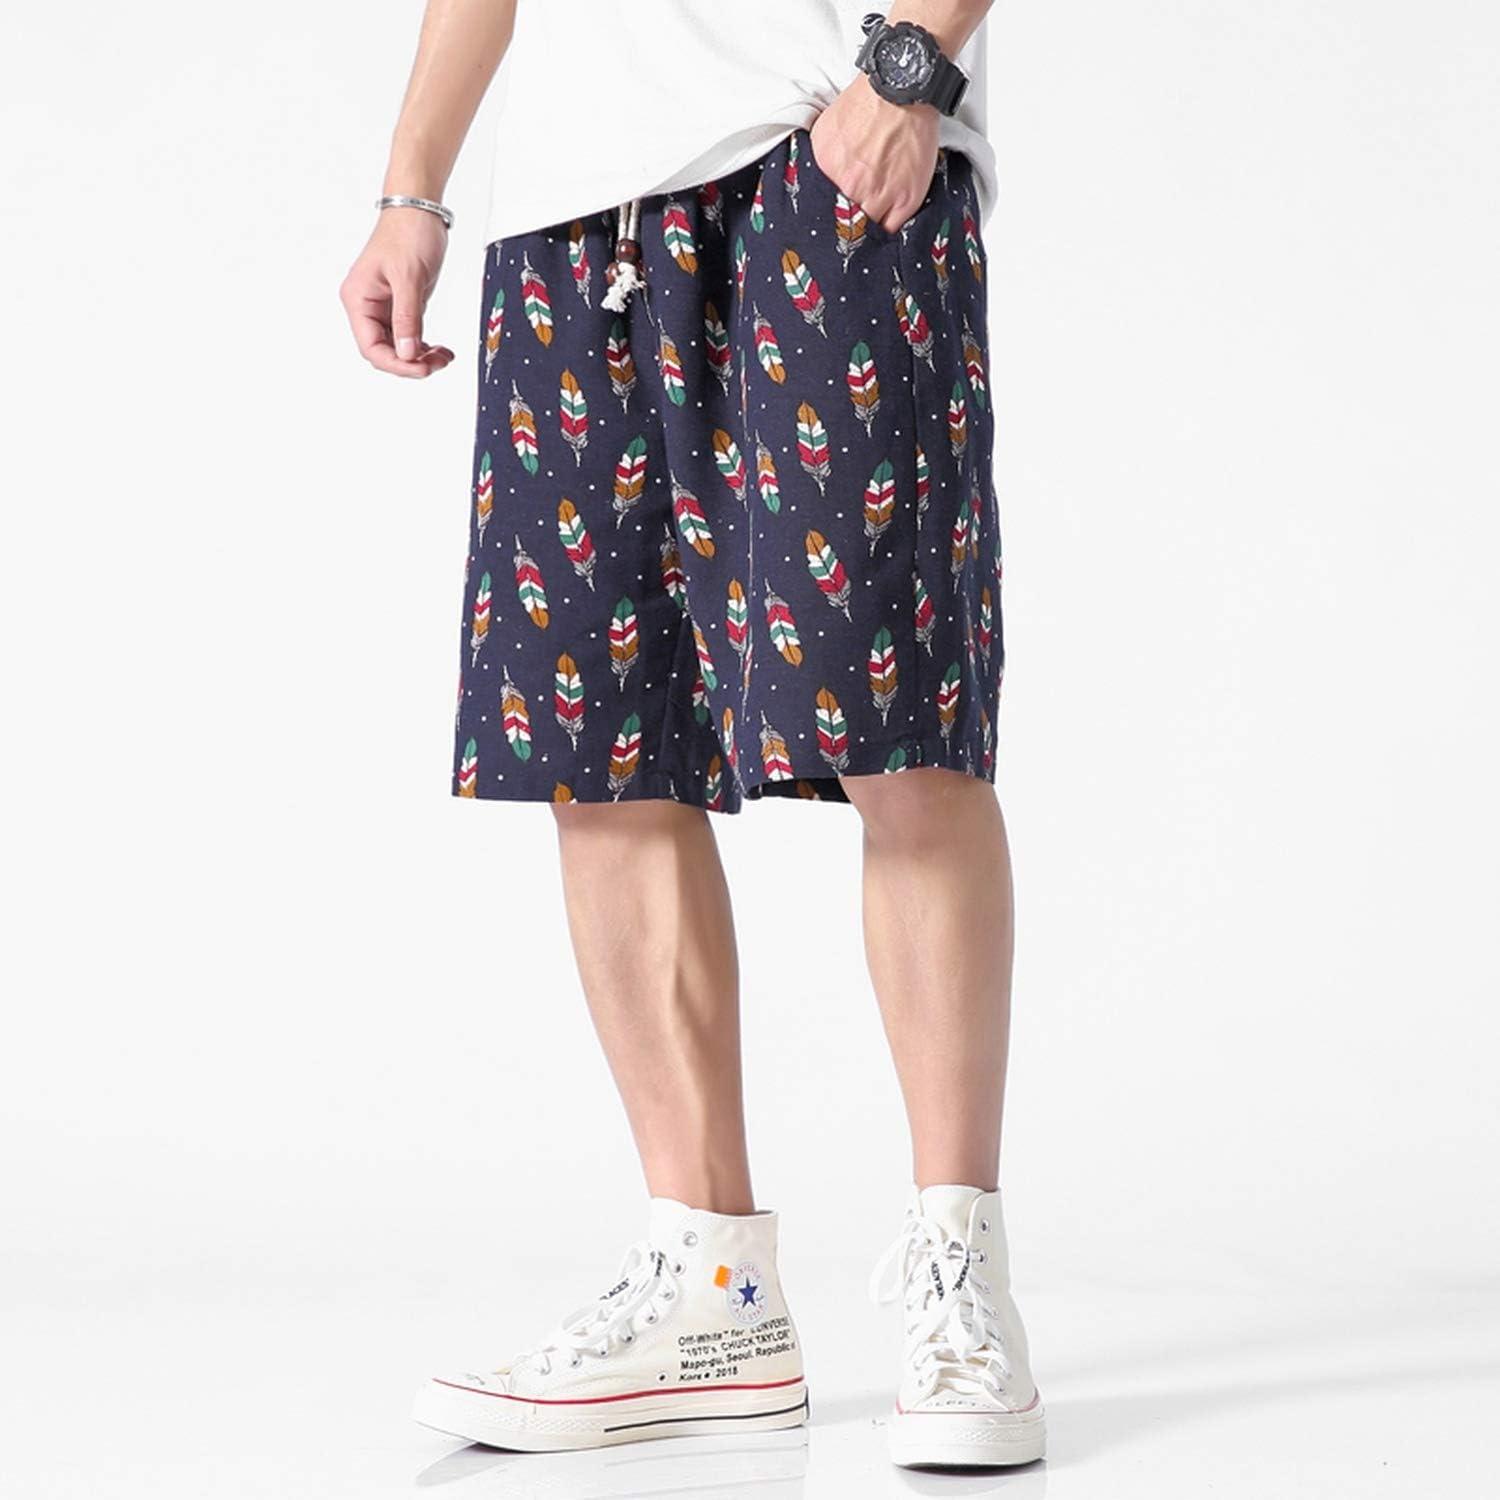 2019 Shorts Men Casual Shorts Men Drawstring Printed Streetwear Mens Shorts,As a 12,L